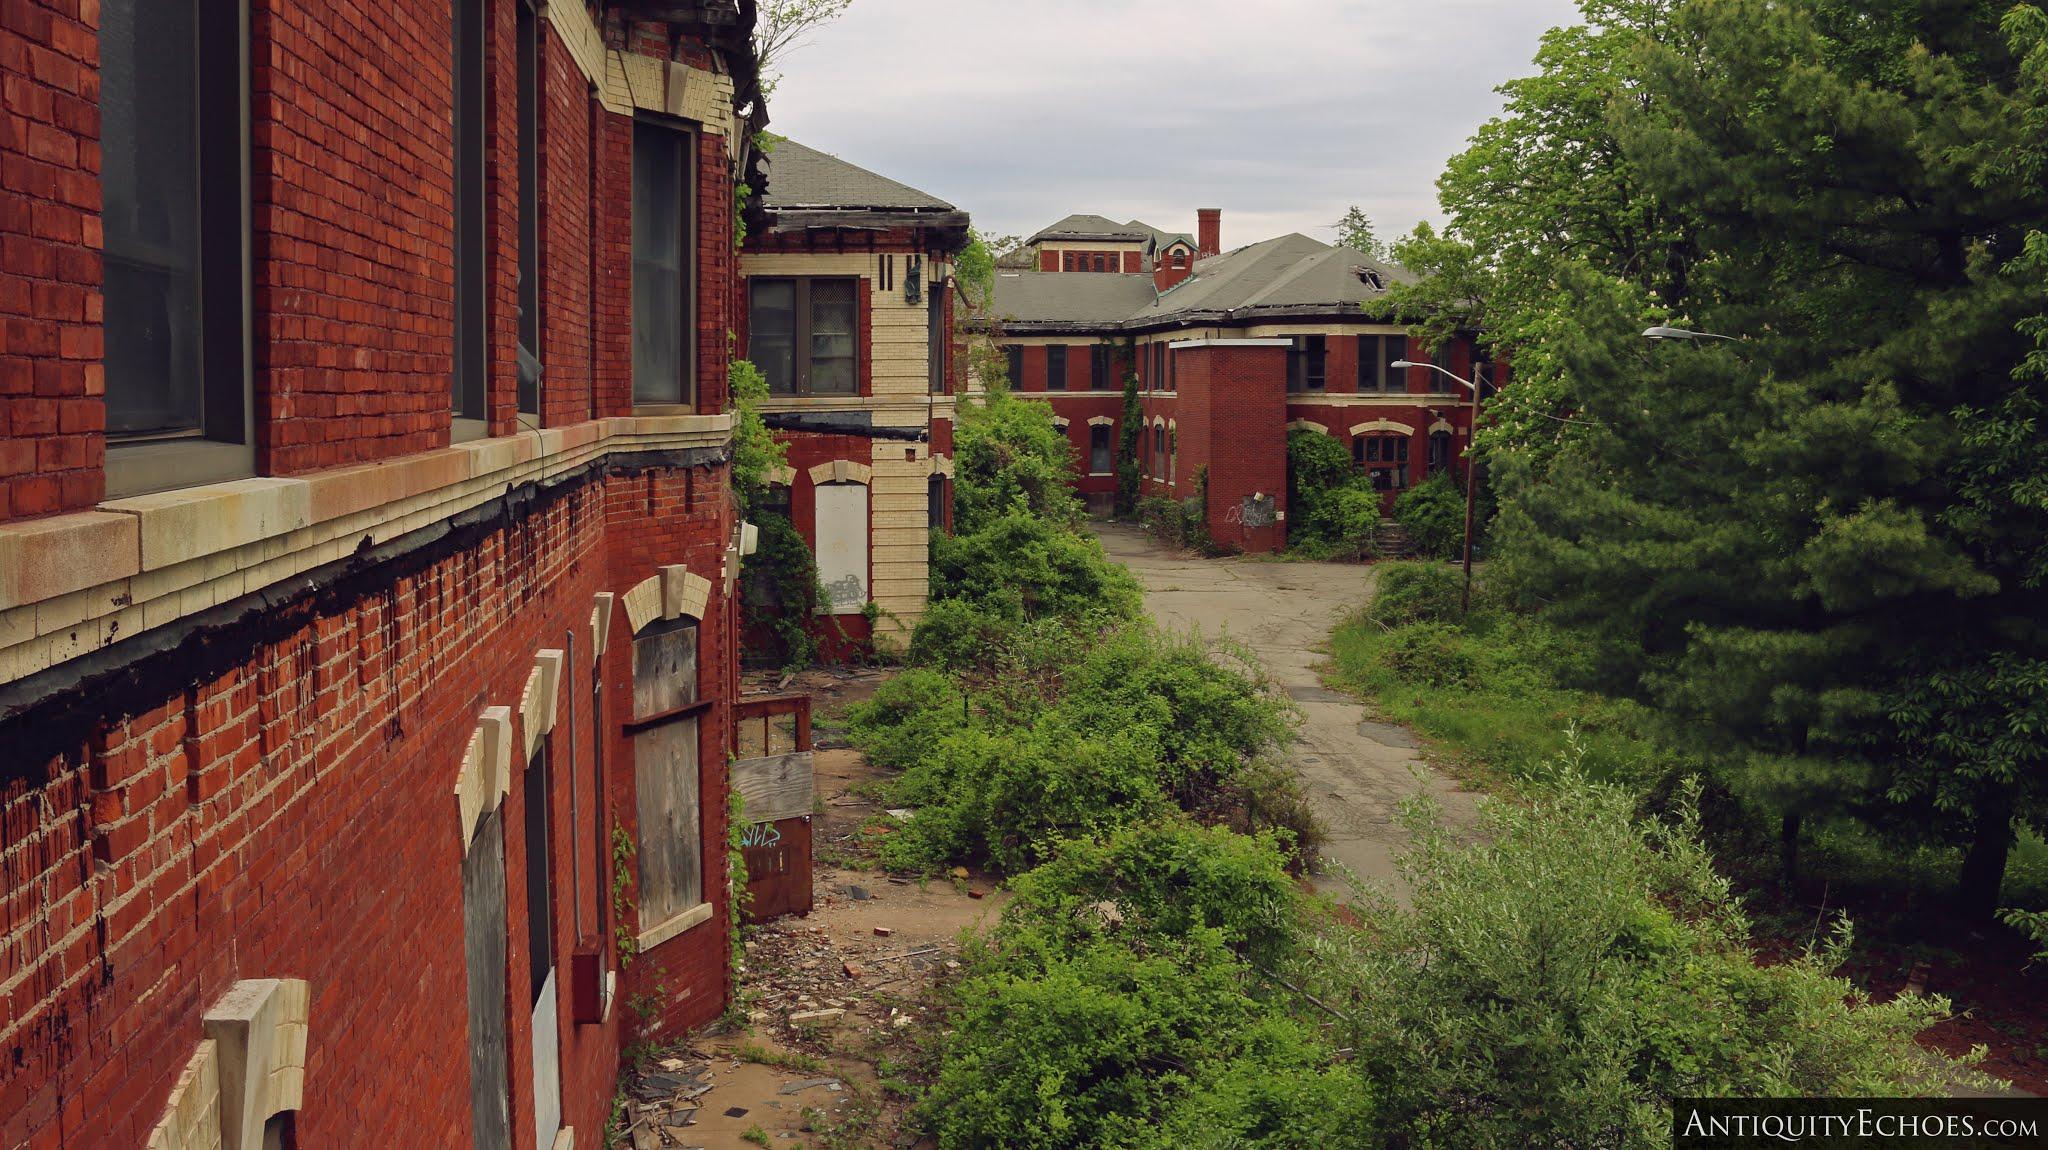 Overbrook Asylum - Weathered Facade